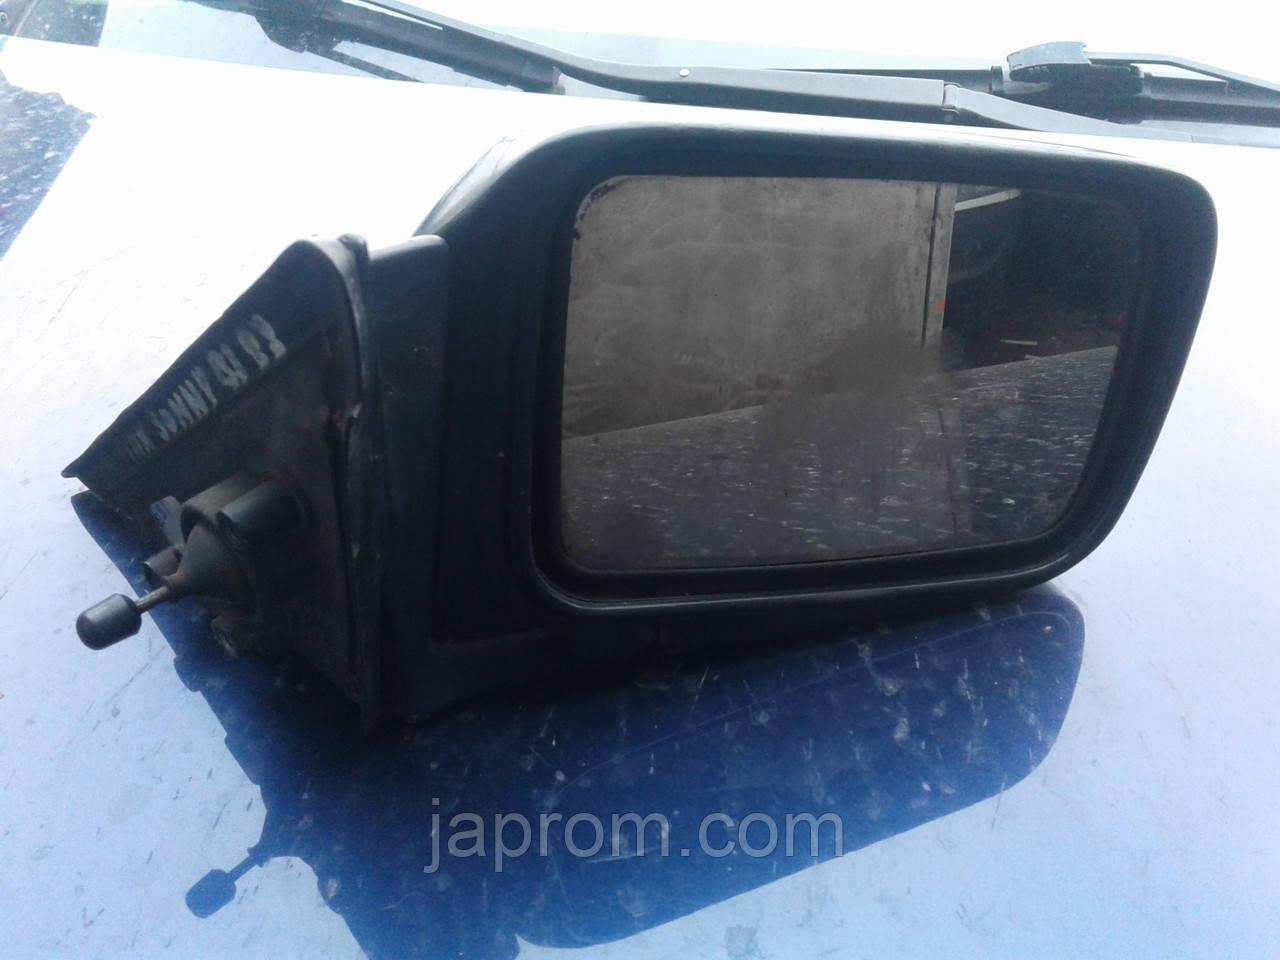 Зеркало заднего вида правое Nissan Sunny B12 1986-1991г.в. черное механическое